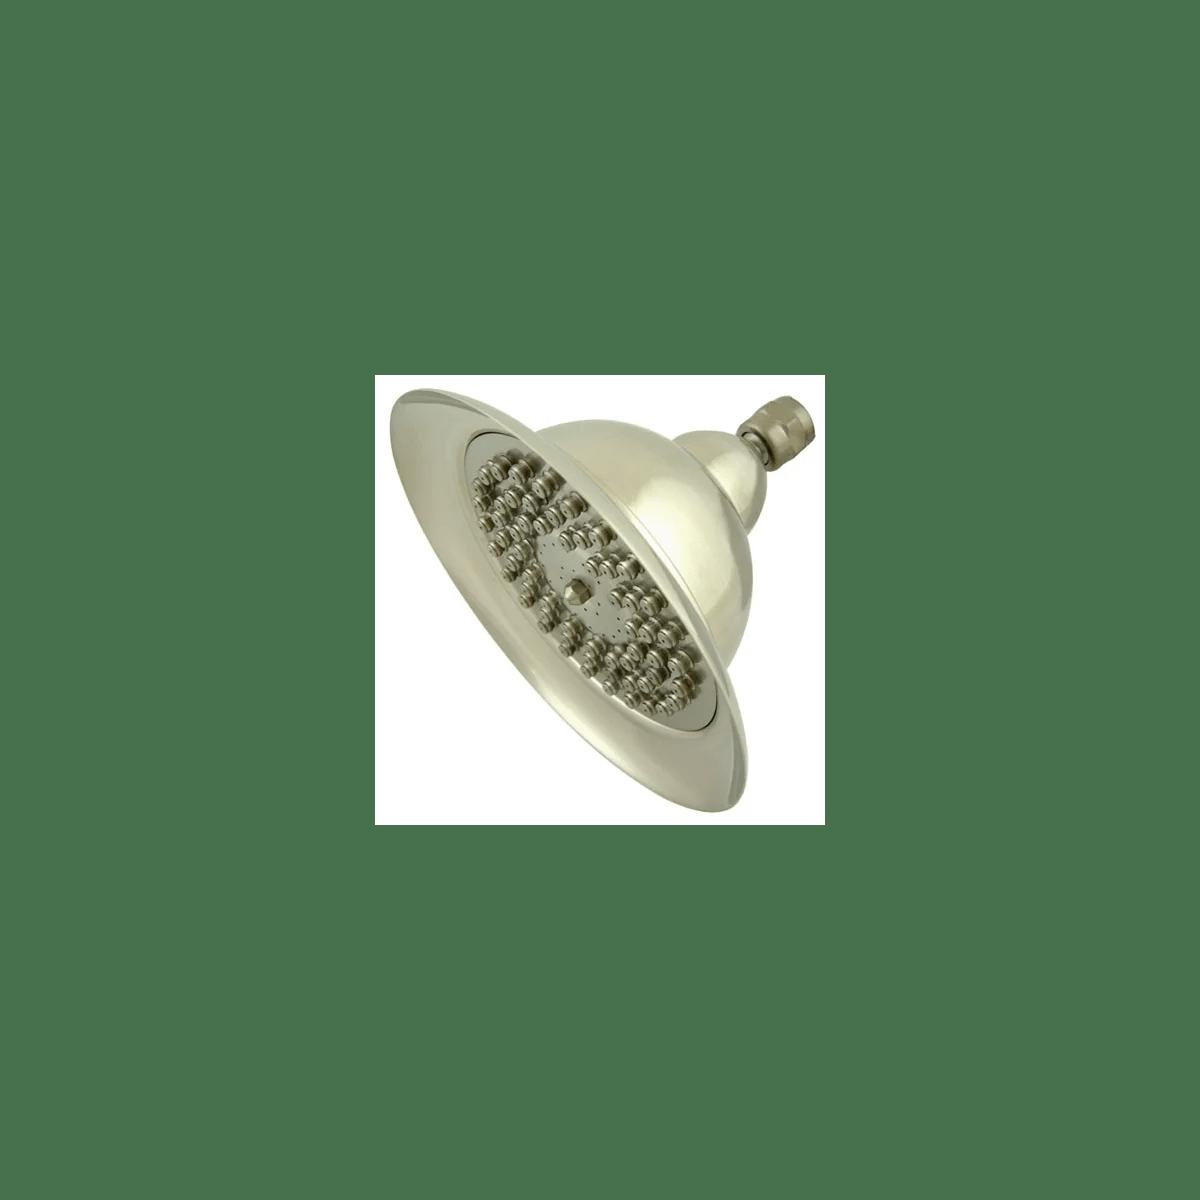 Kingston Brass K306c